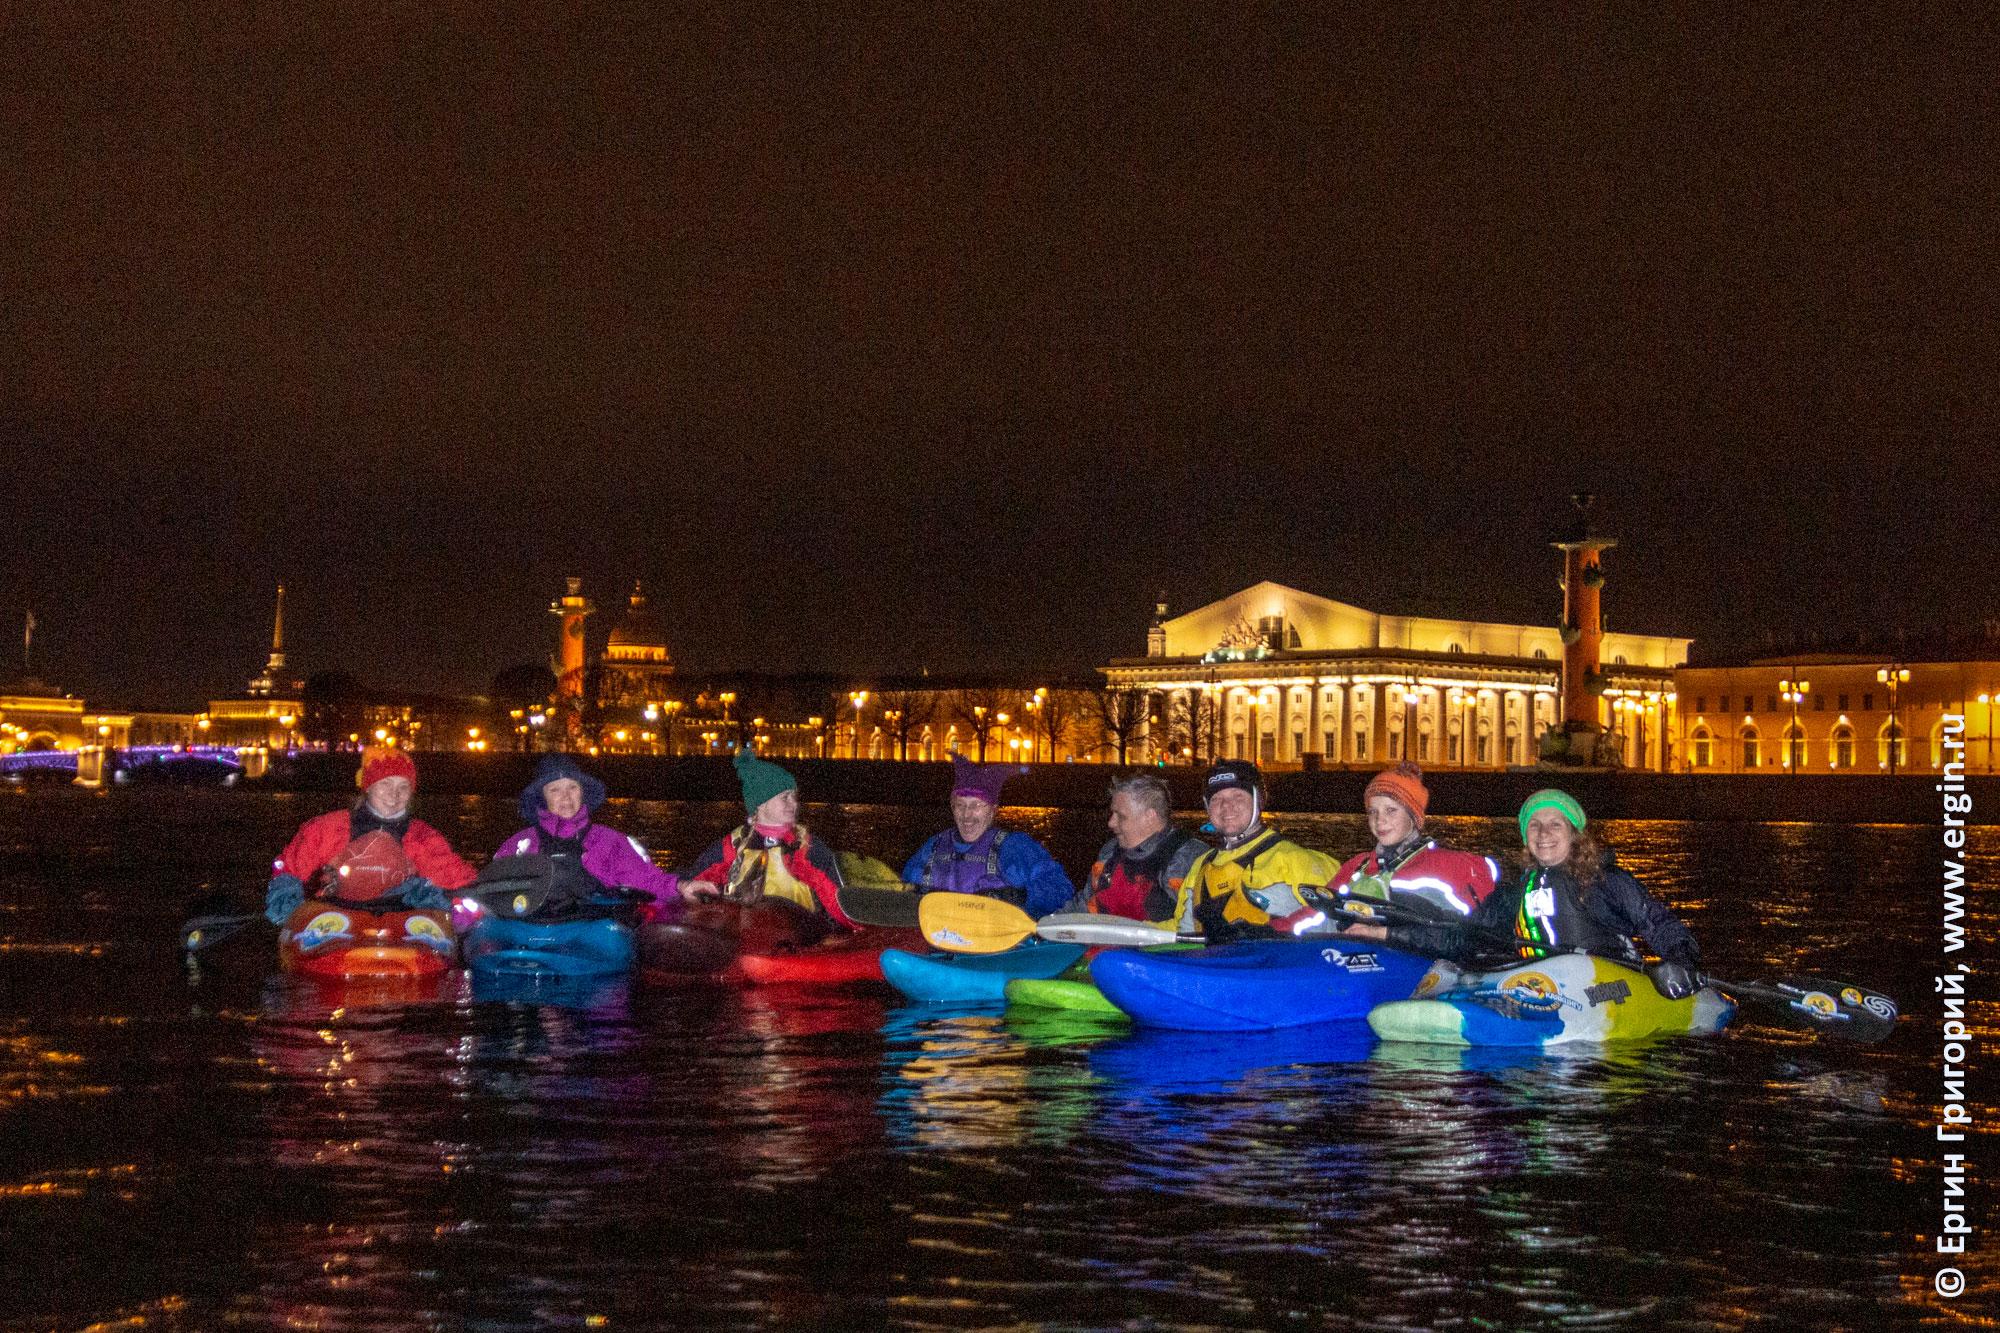 Каякеры между Ростральных колонн на Стрелке Васильевского острова в Санкт-Петербурге